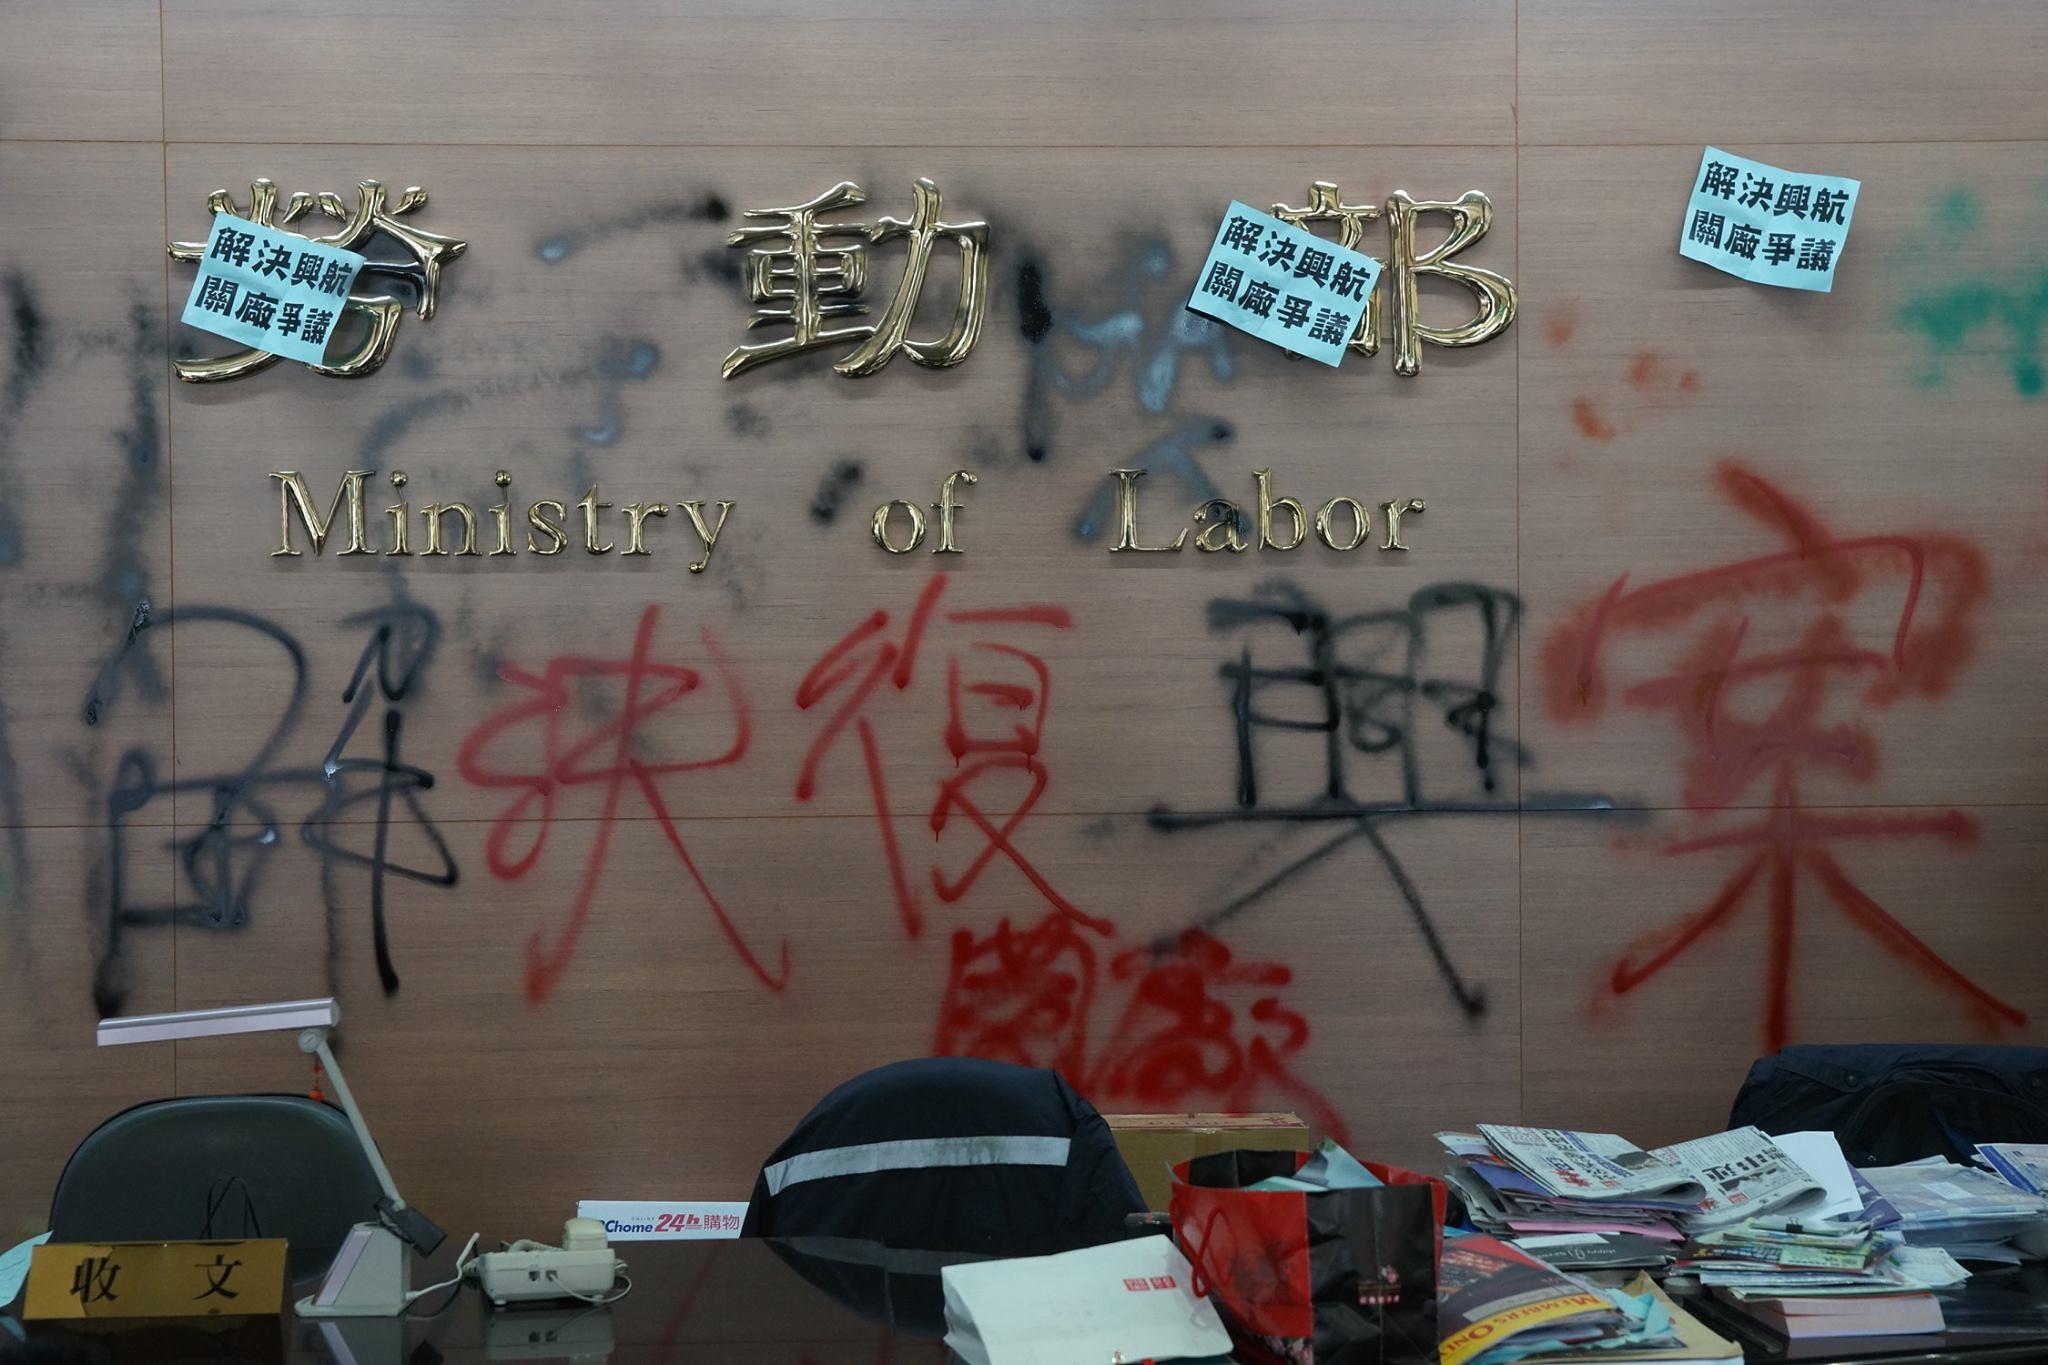 興航工會佔領勞動部,並在牆上噴漆。(攝影:王顥中)